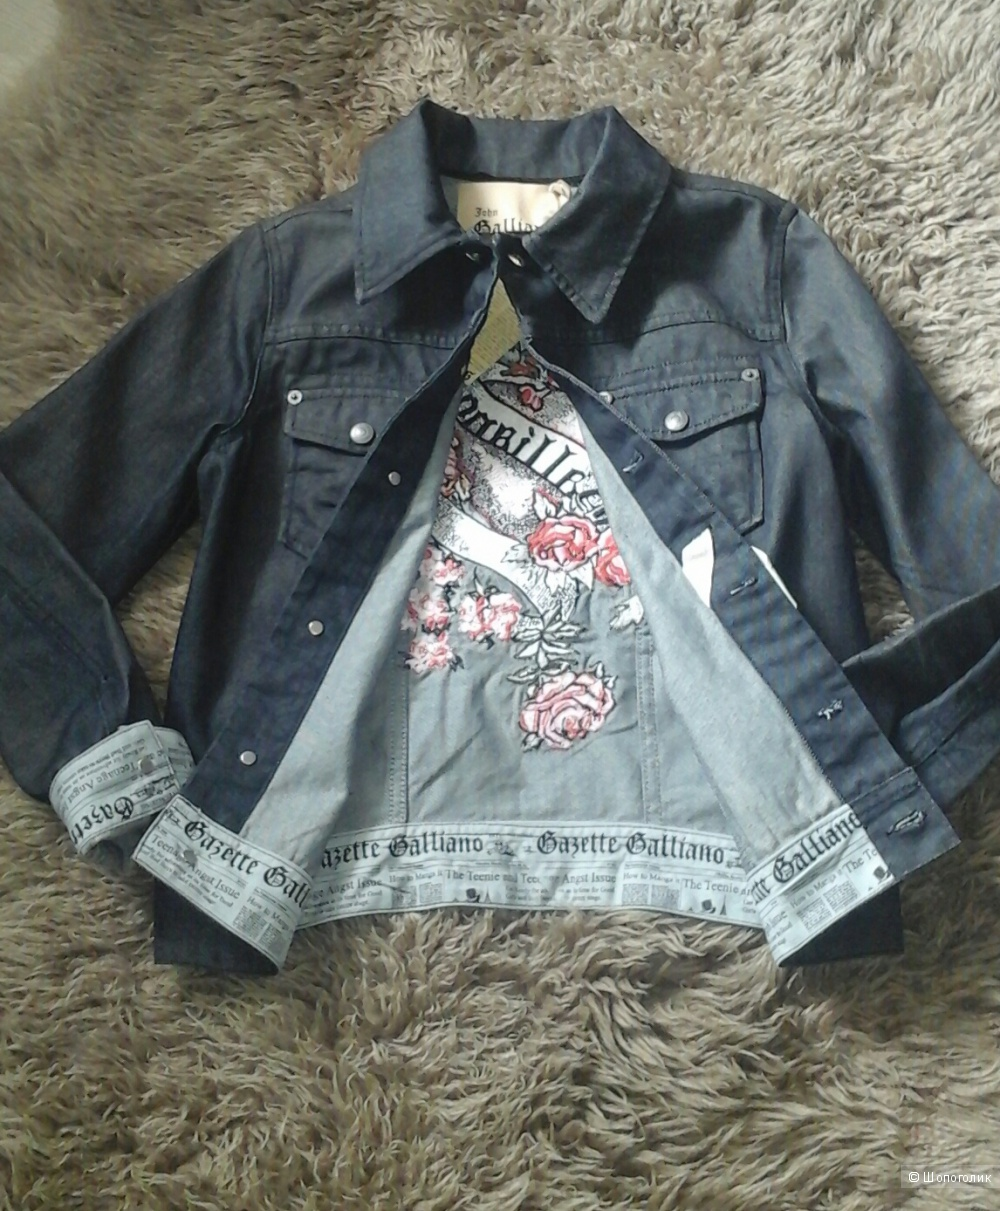 Джинсовая куртка John Galliano, рост 155-160 см